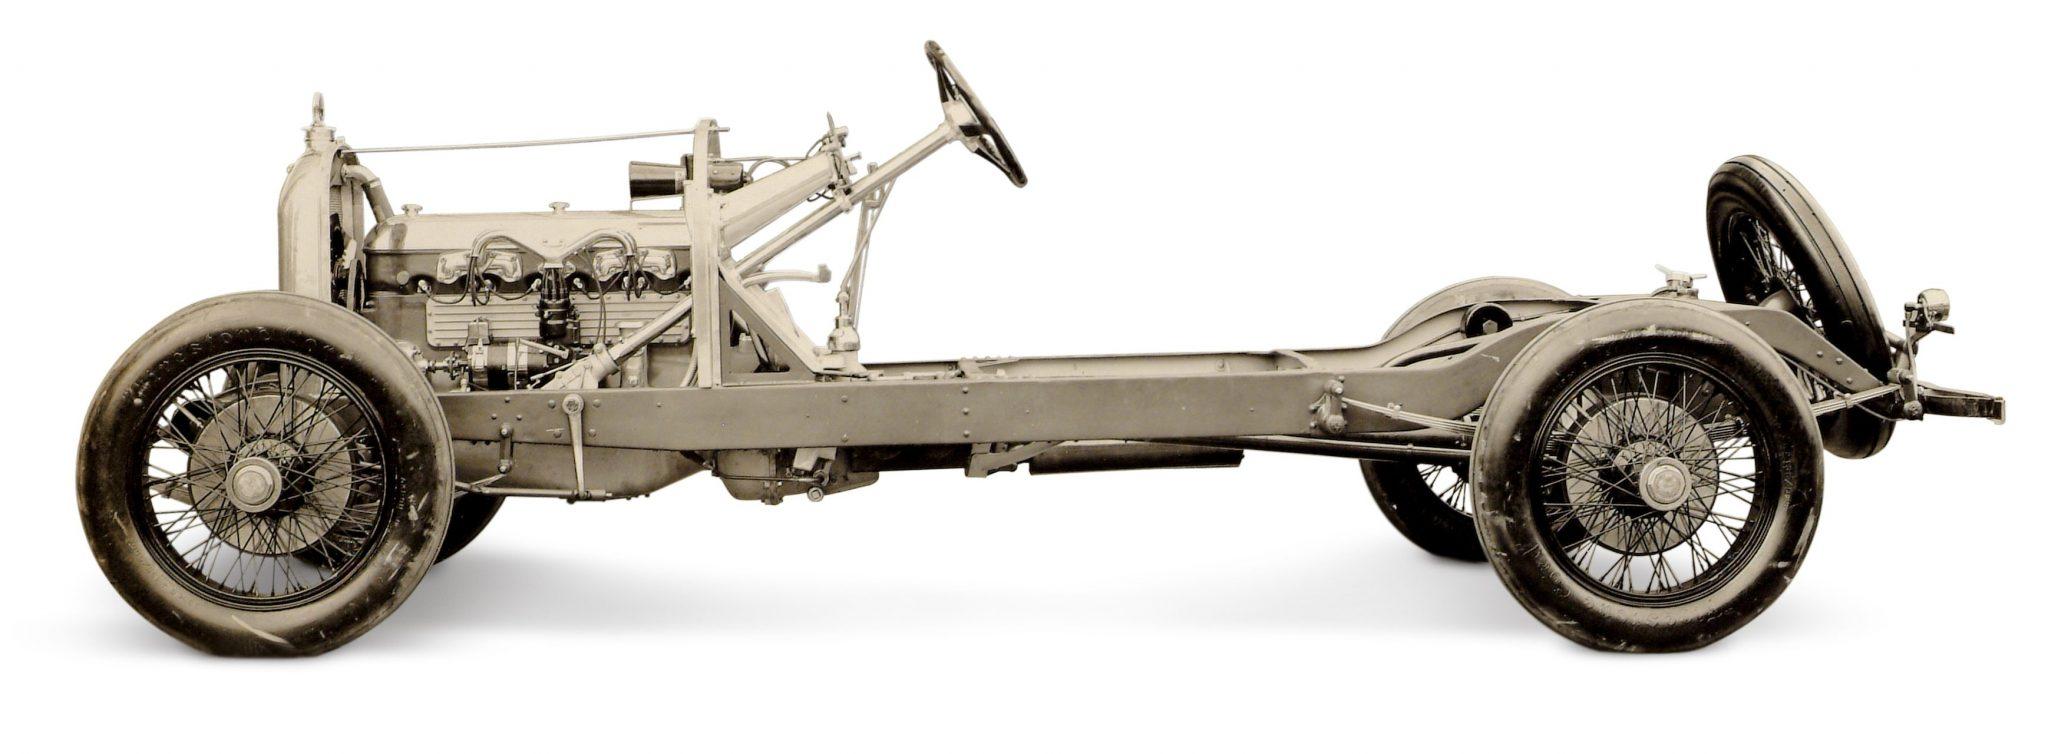 Duesenberg Model A chassis